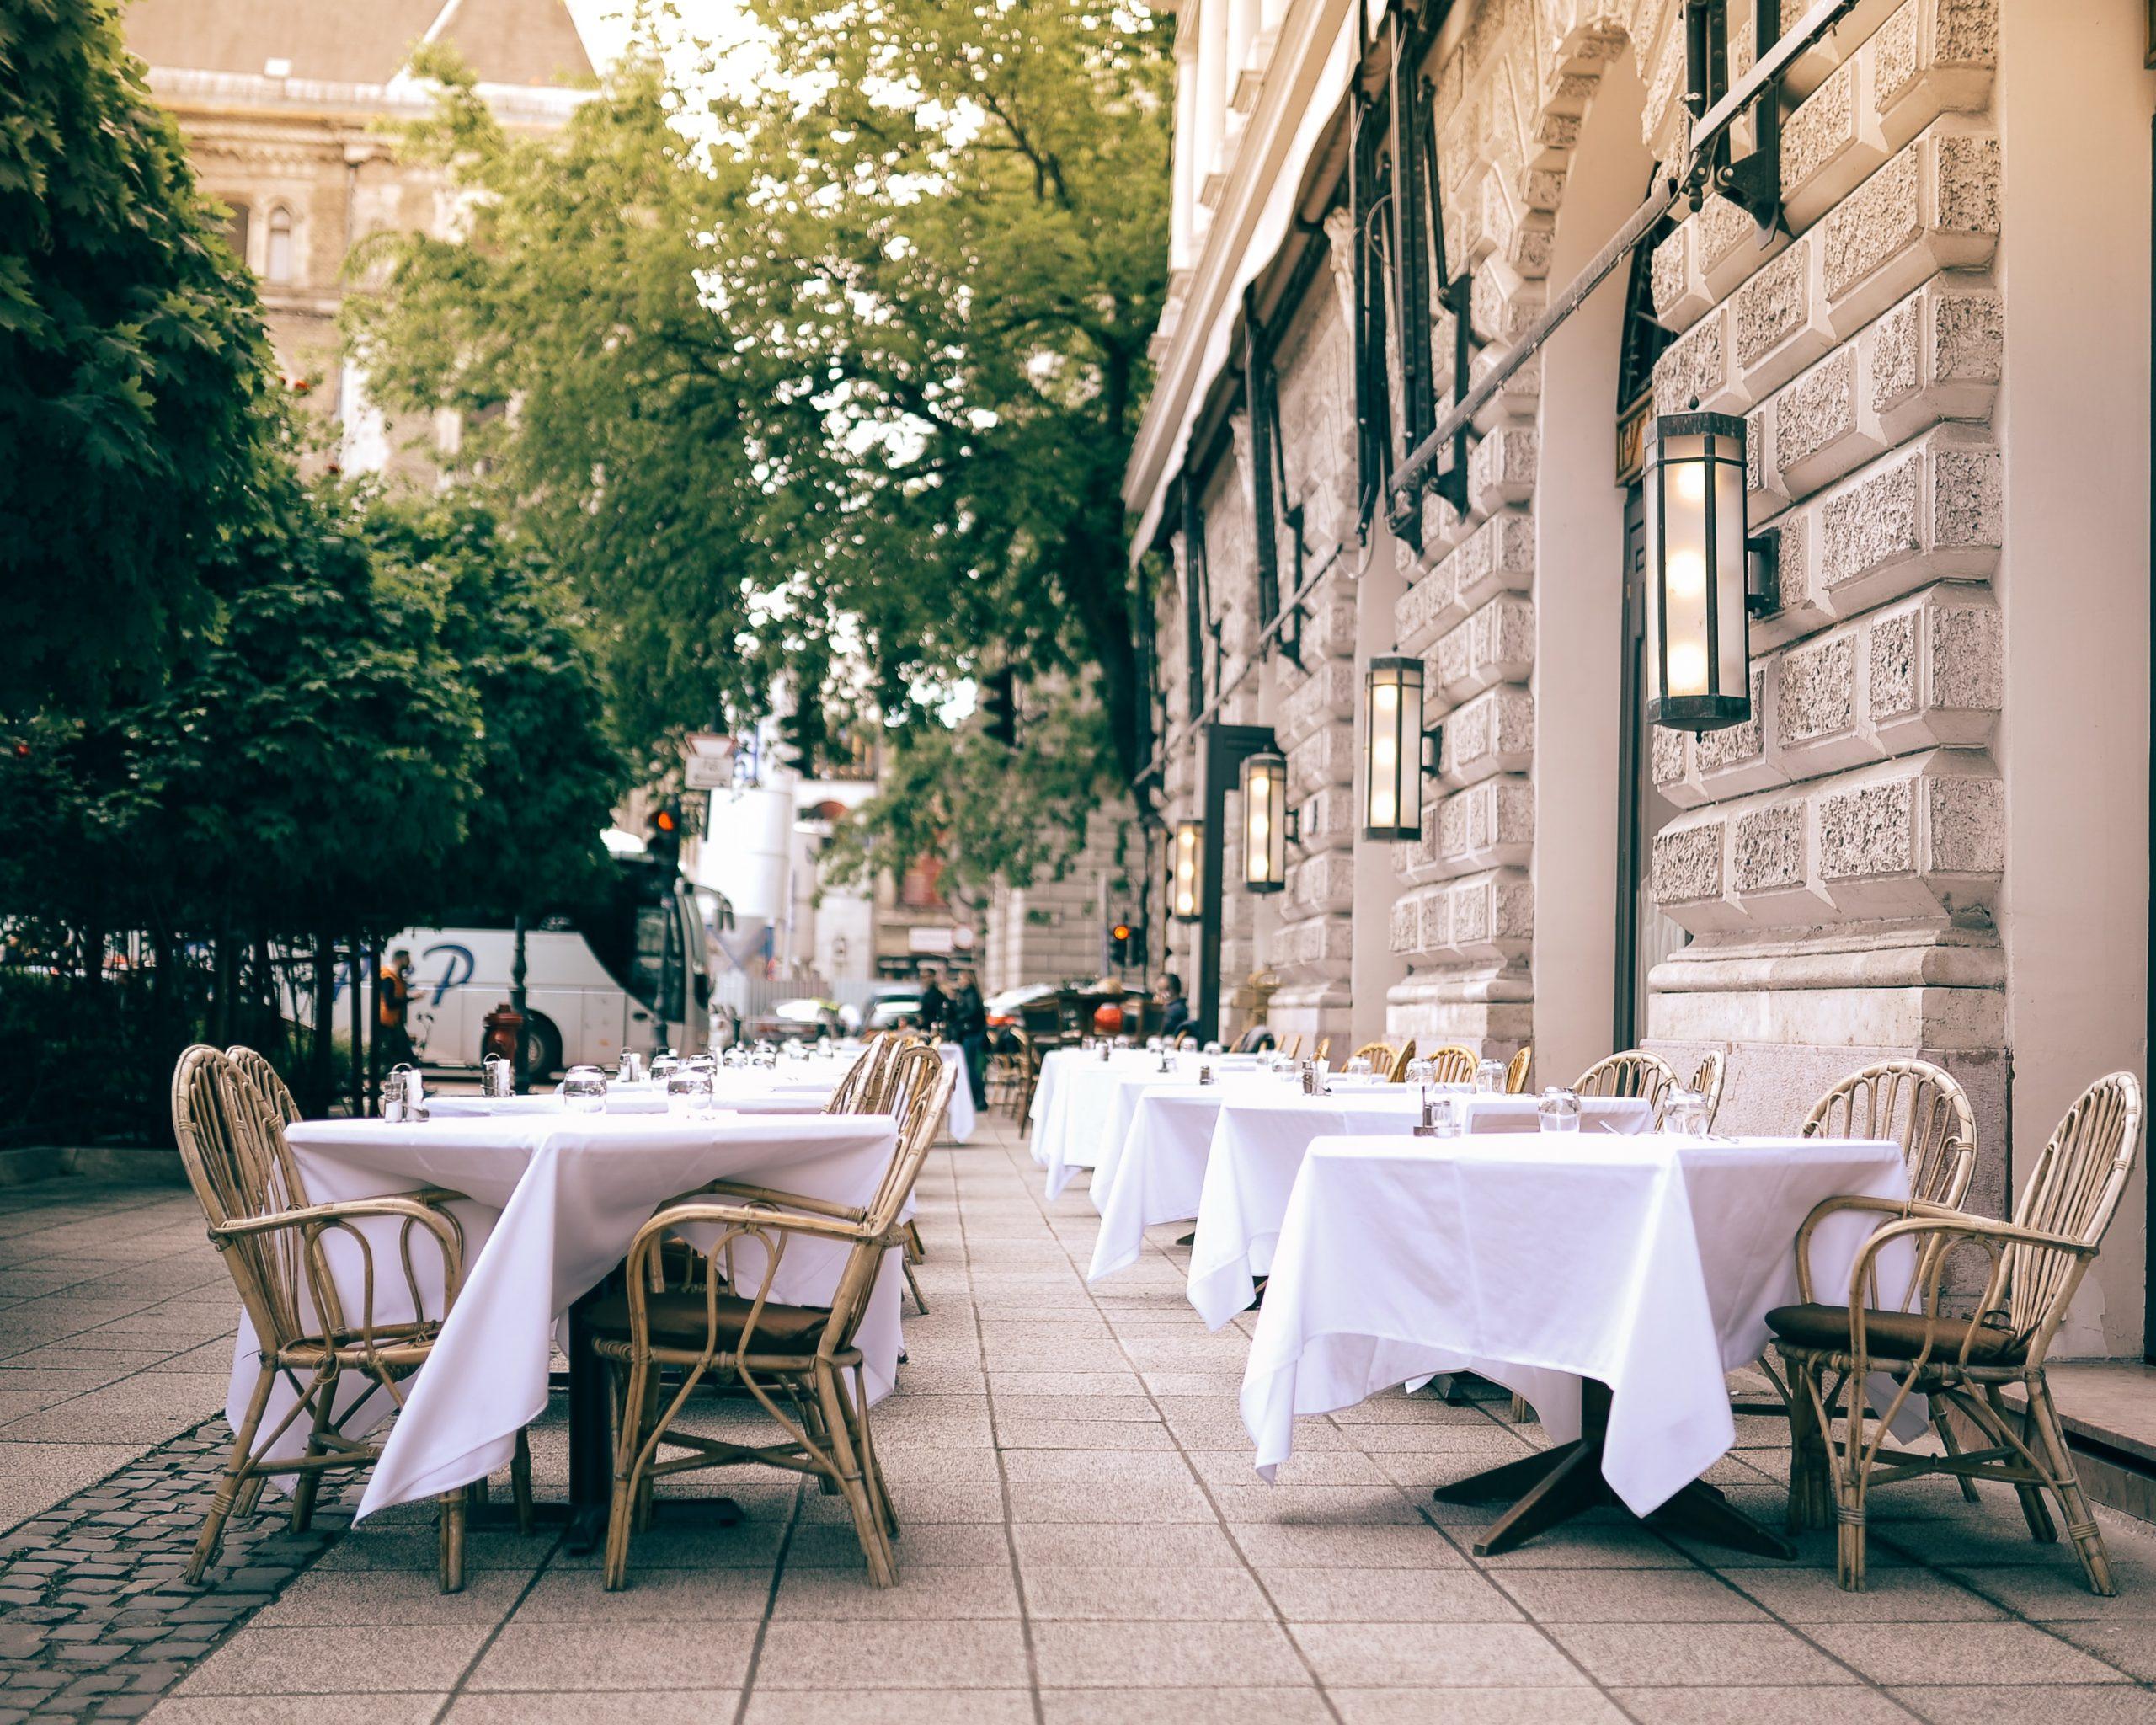 Na foto diversas mesas de um restante em uma calçada com árvores ao fundo.